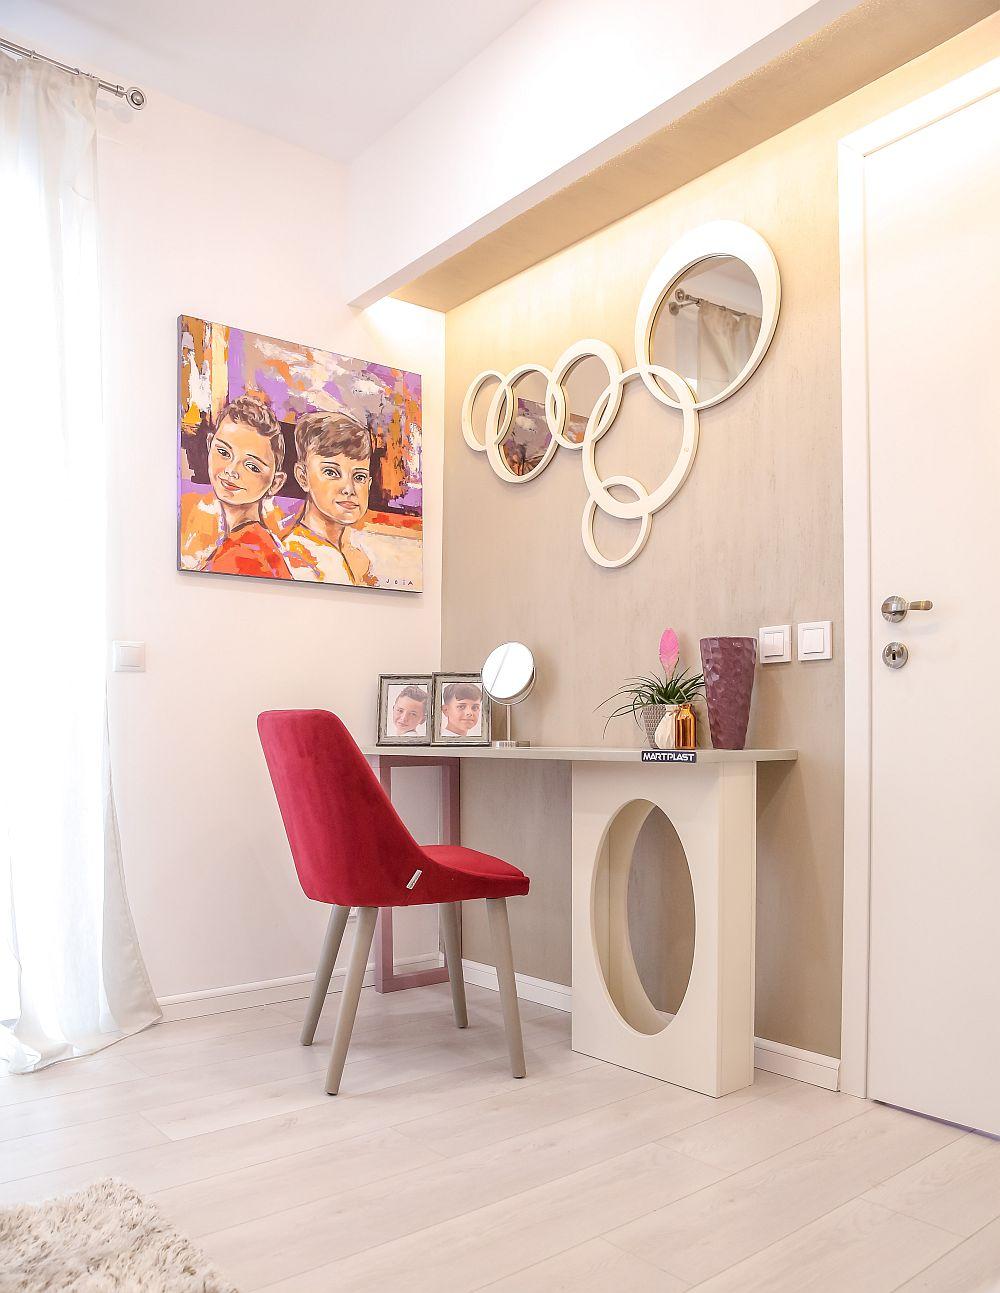 În locul mesei de toaletă Cristina a amplasat un tablou cu cei doi băieți, tablou pe care l-a pictat special pentru familie.